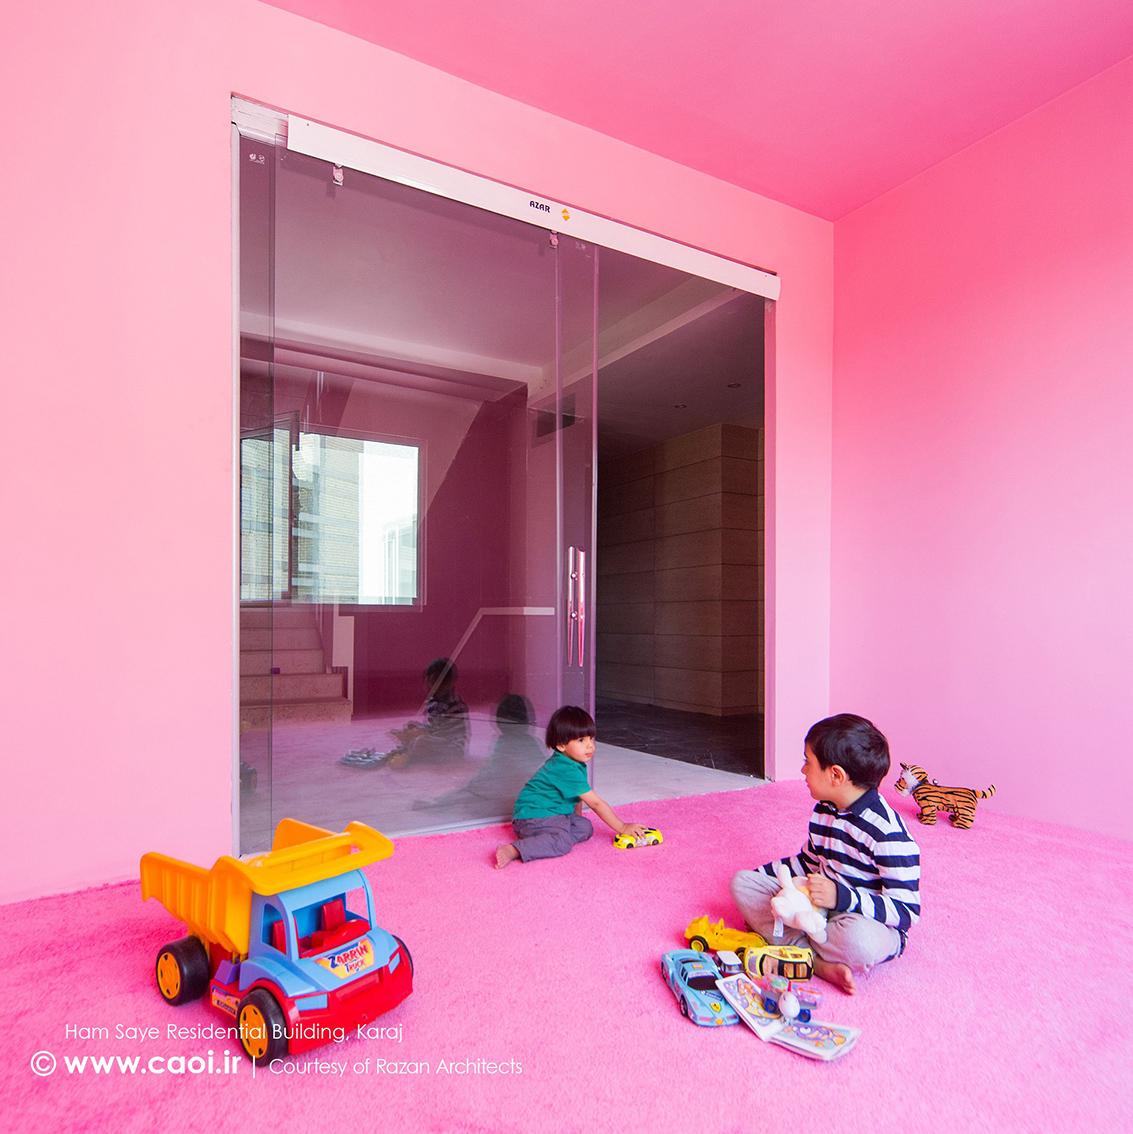 اتاق بازی کودکان,طراحی داخلی مجتمع مسکونی همسایه,دکوراسیون داخلی مجتمع مسکونی,